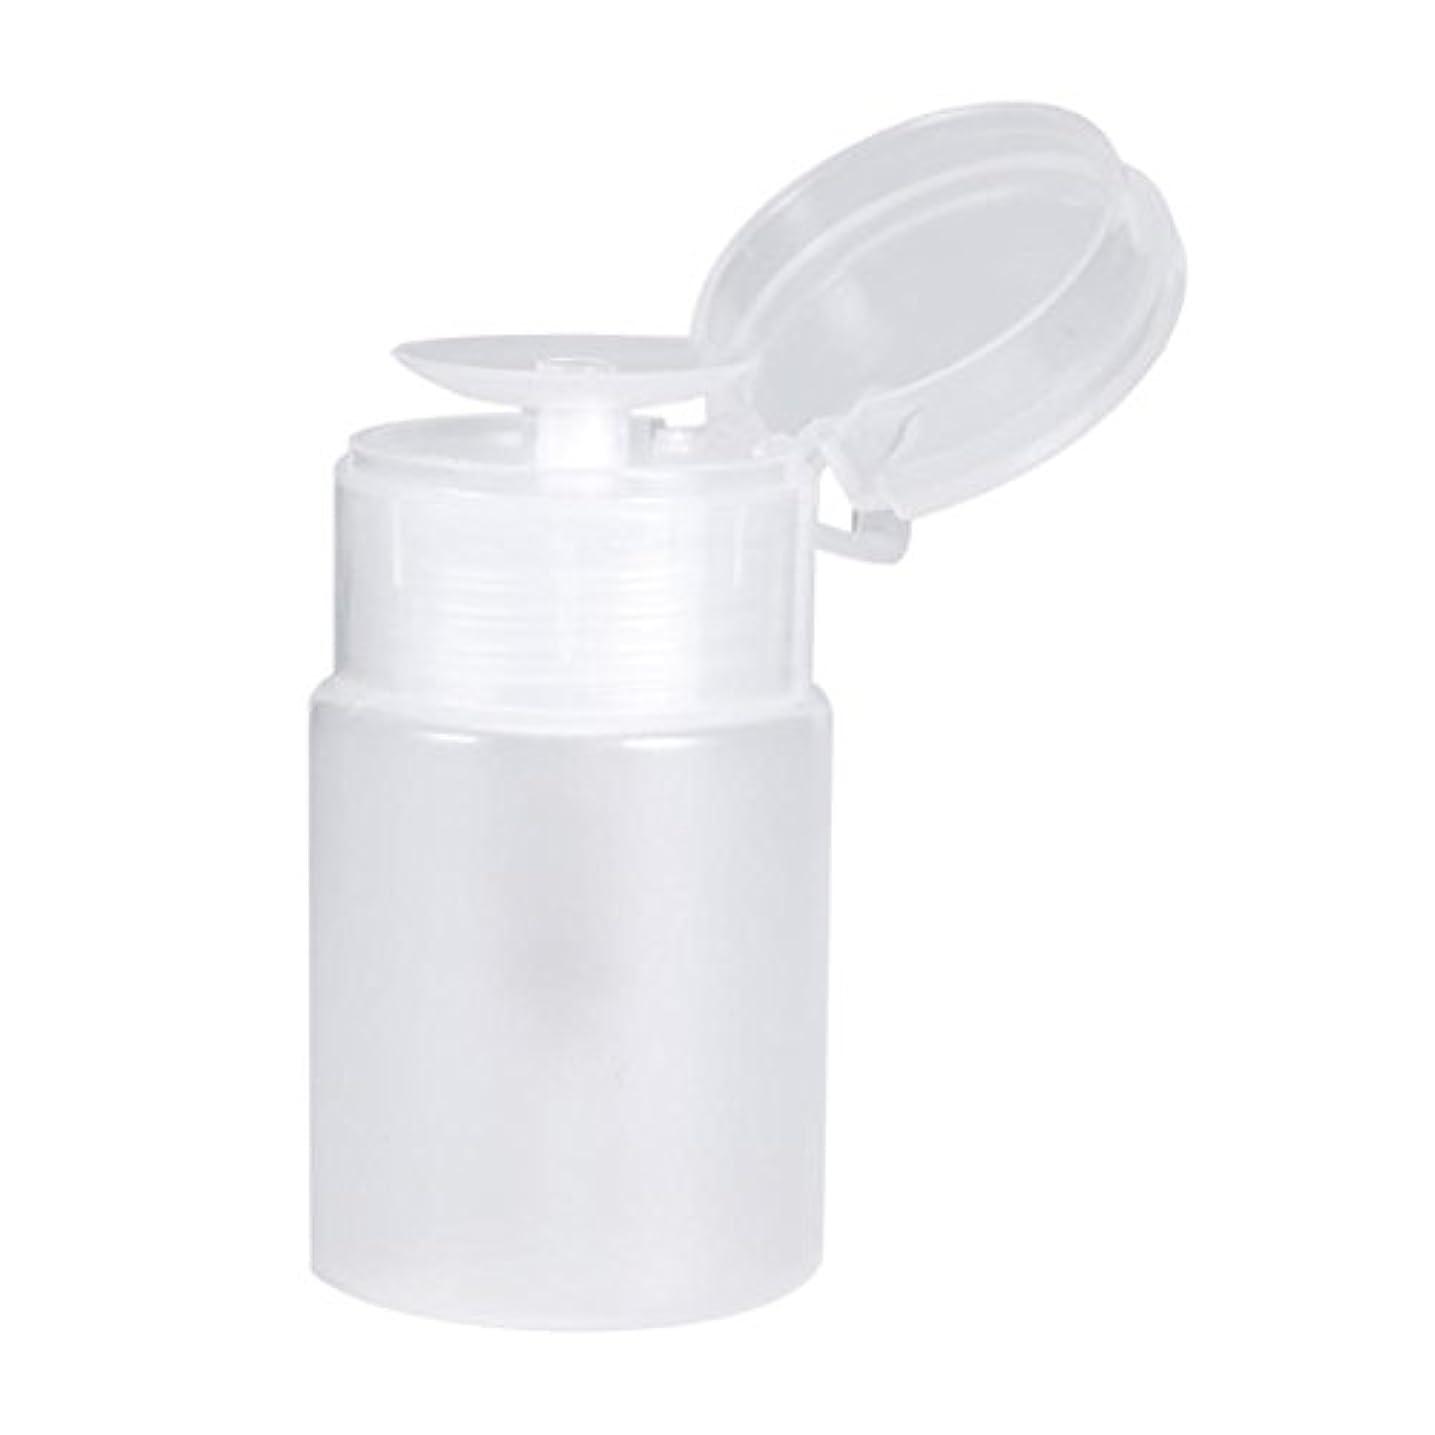 ハブブ従う脚本家ネイルディスペンサーボトル、プッシュダウンディスペンサーネイルポリッシュリムーバーポンプ空のボトルディスペンサー液体ボトル容器60ミリリットル(白)